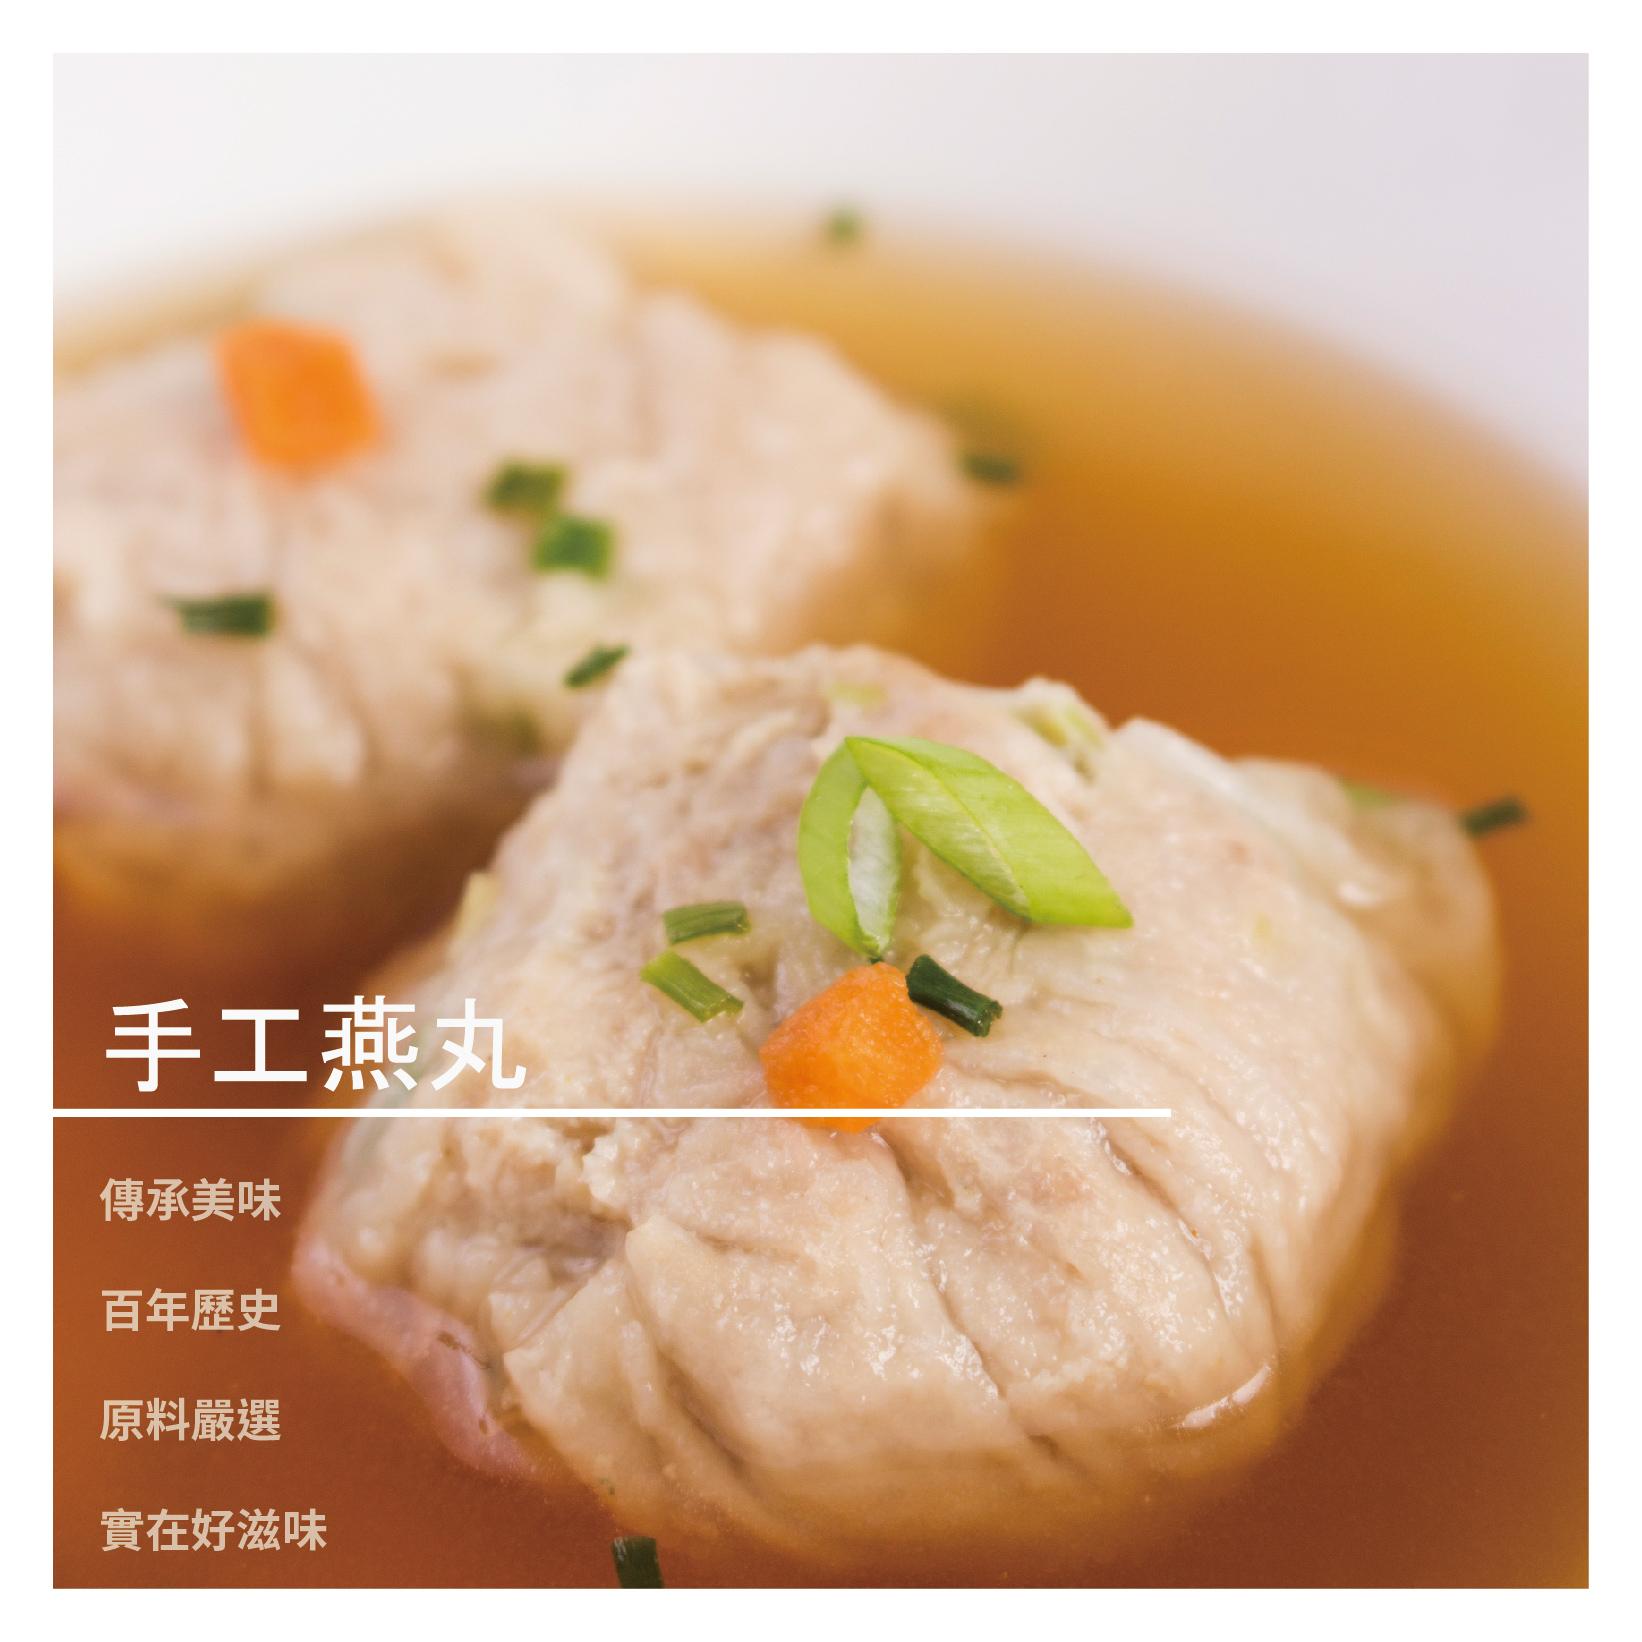 【乾家肉粽粿粽大王】手工燕丸 600g